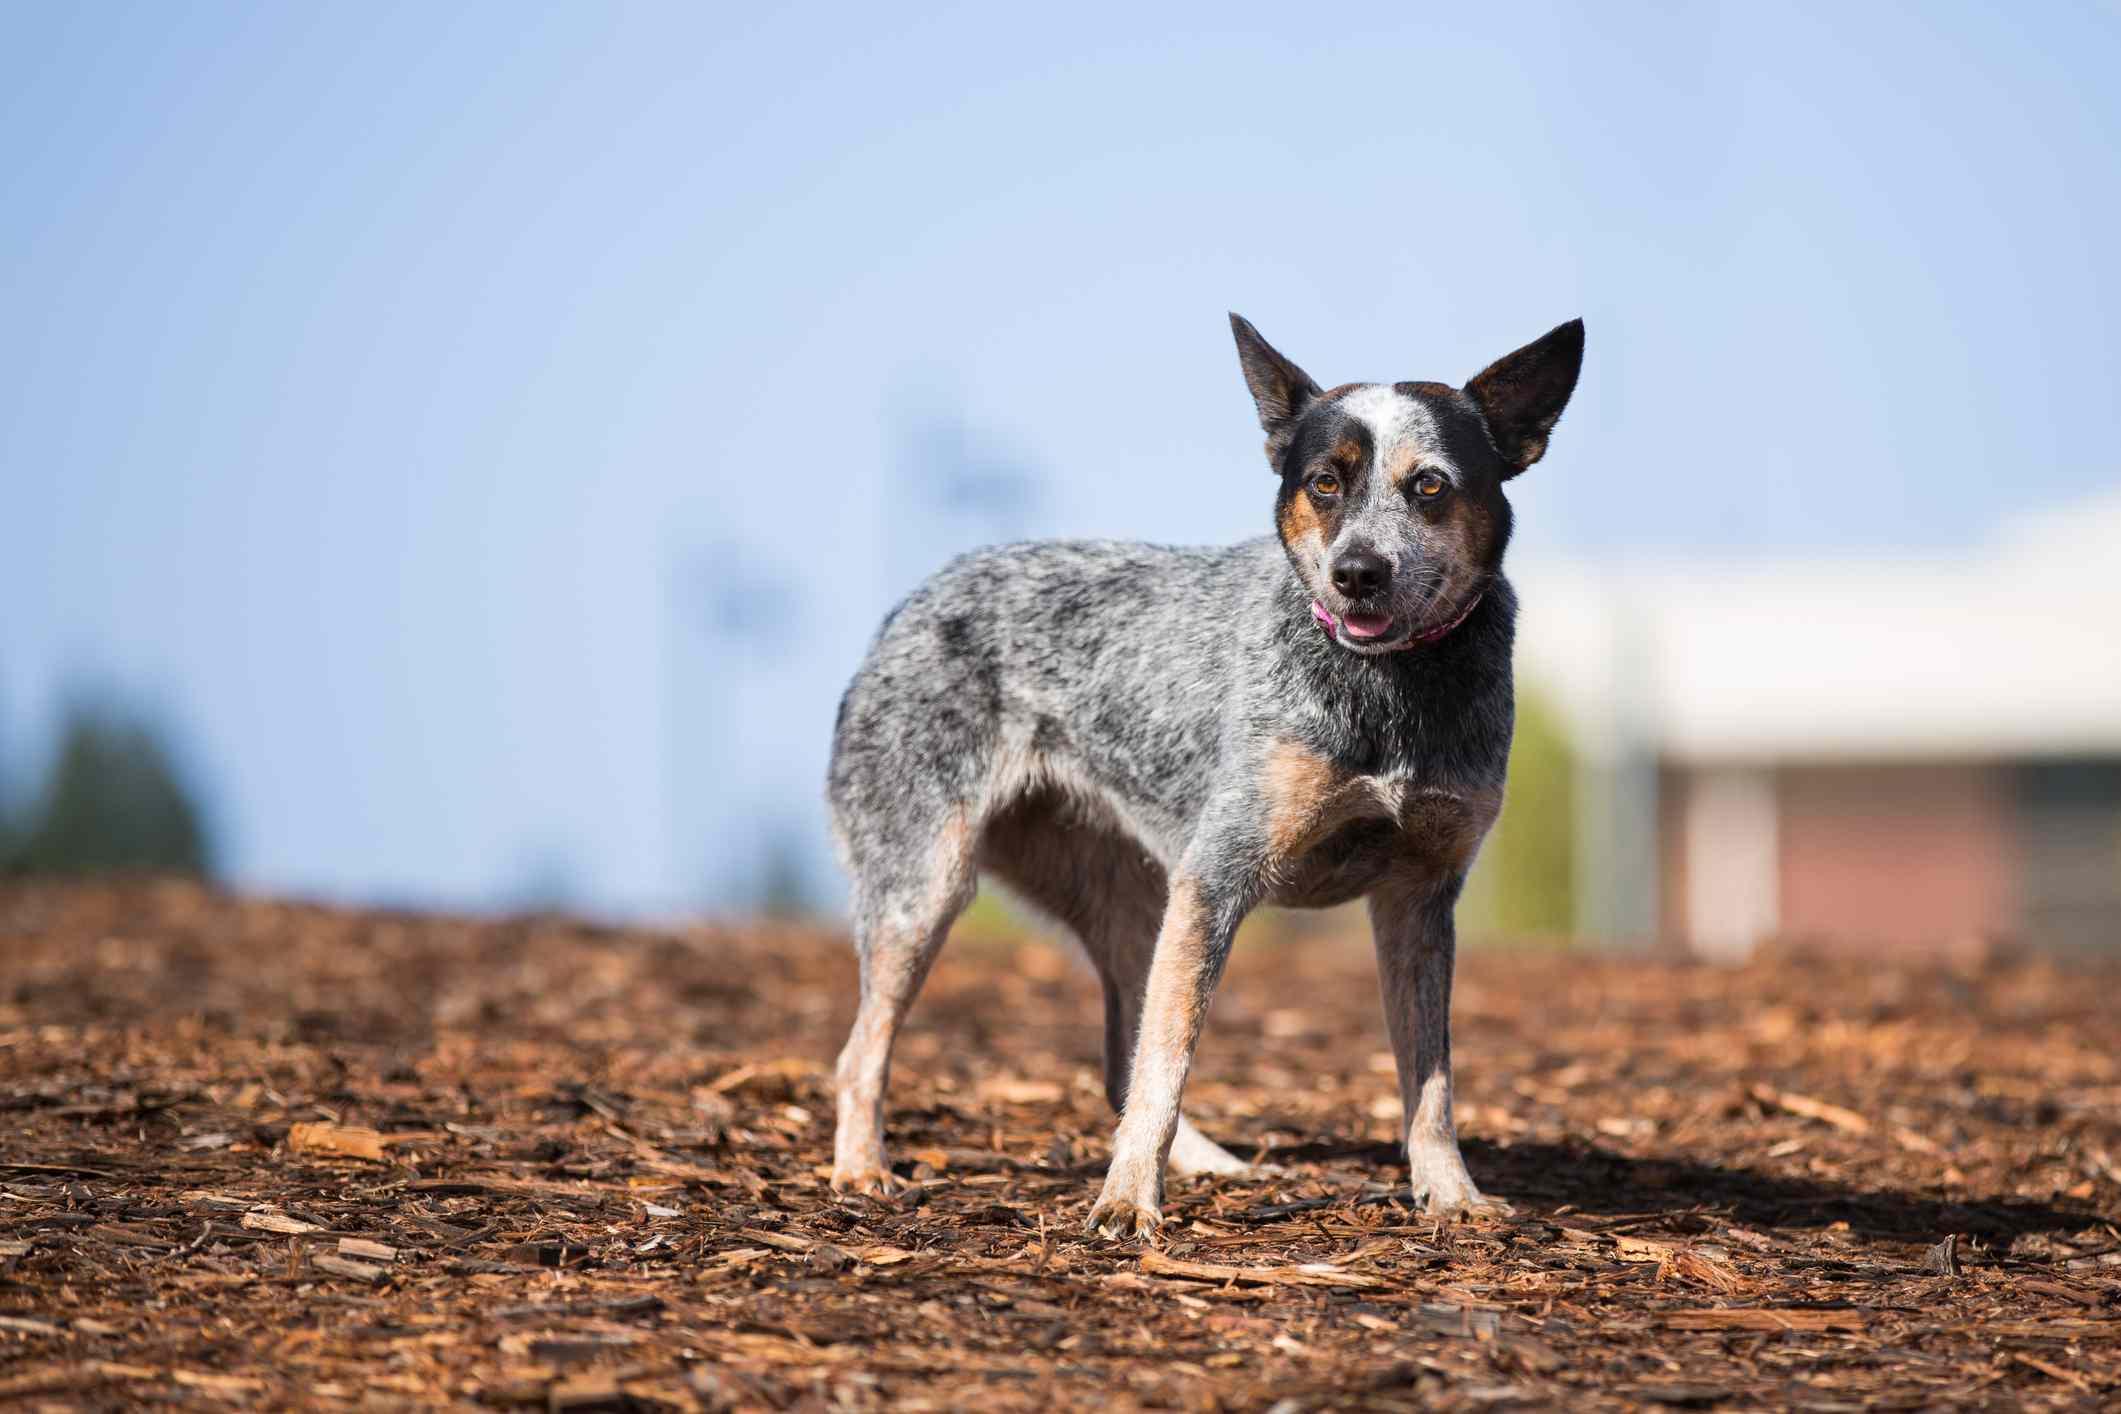 Perro de ganado australiano parado sobre virutas de corteza